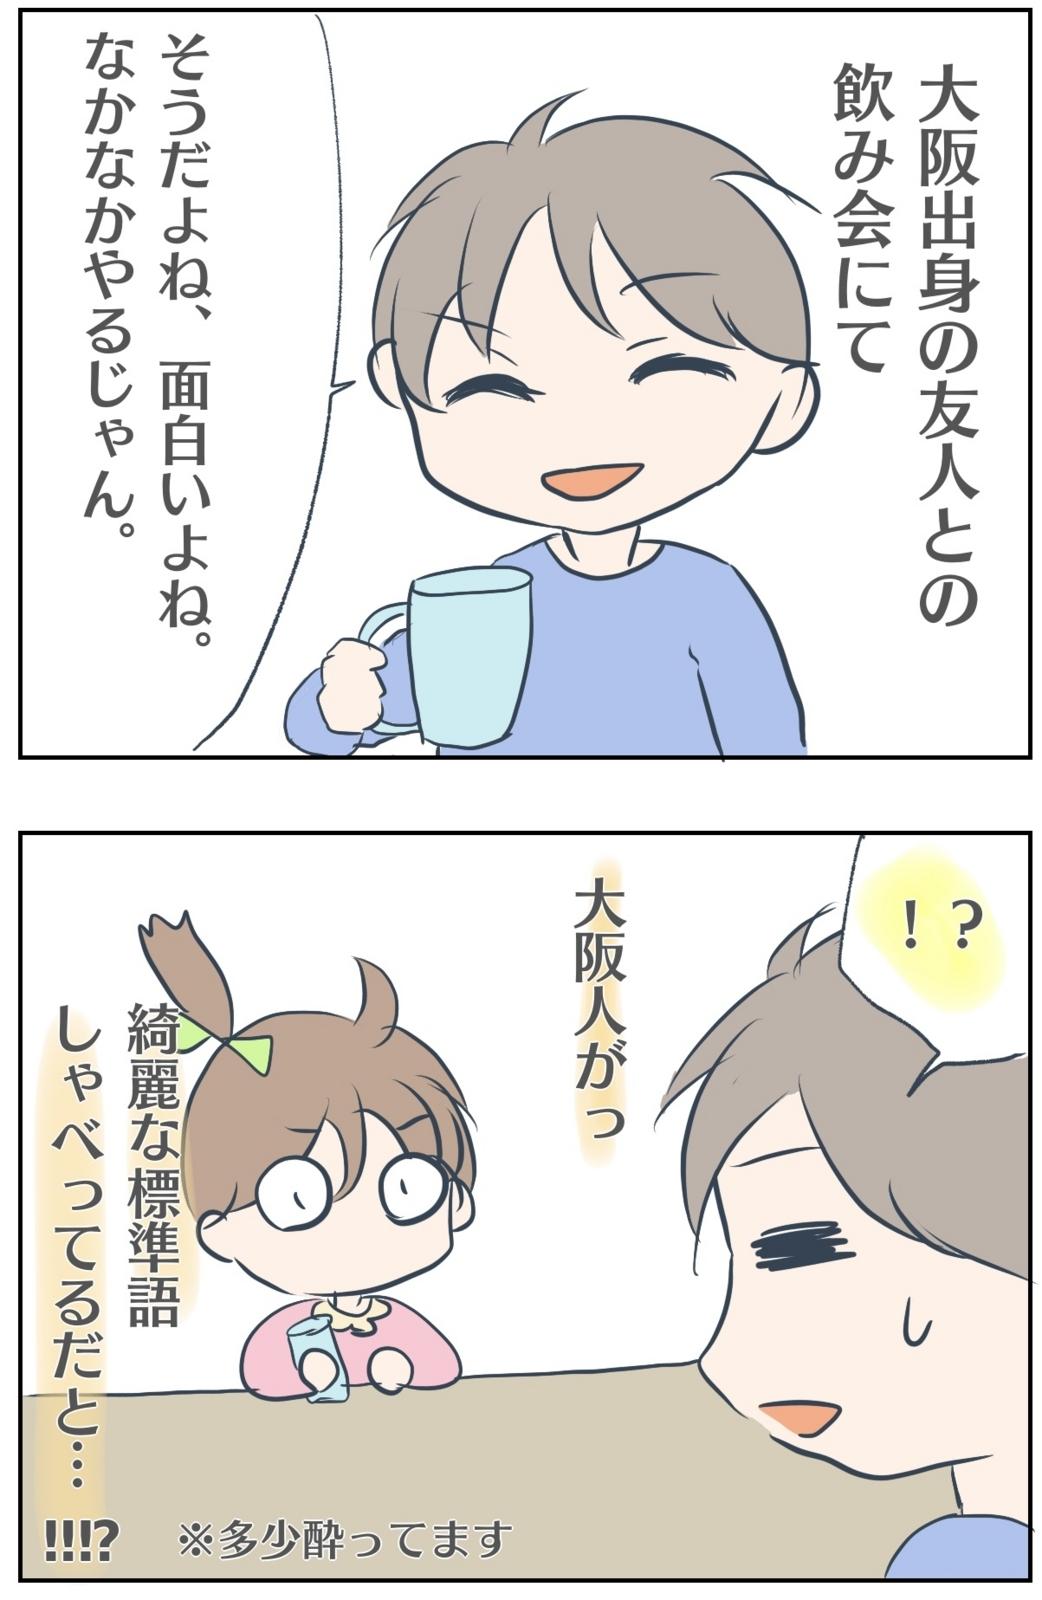 標準語を話す大阪人の漫画